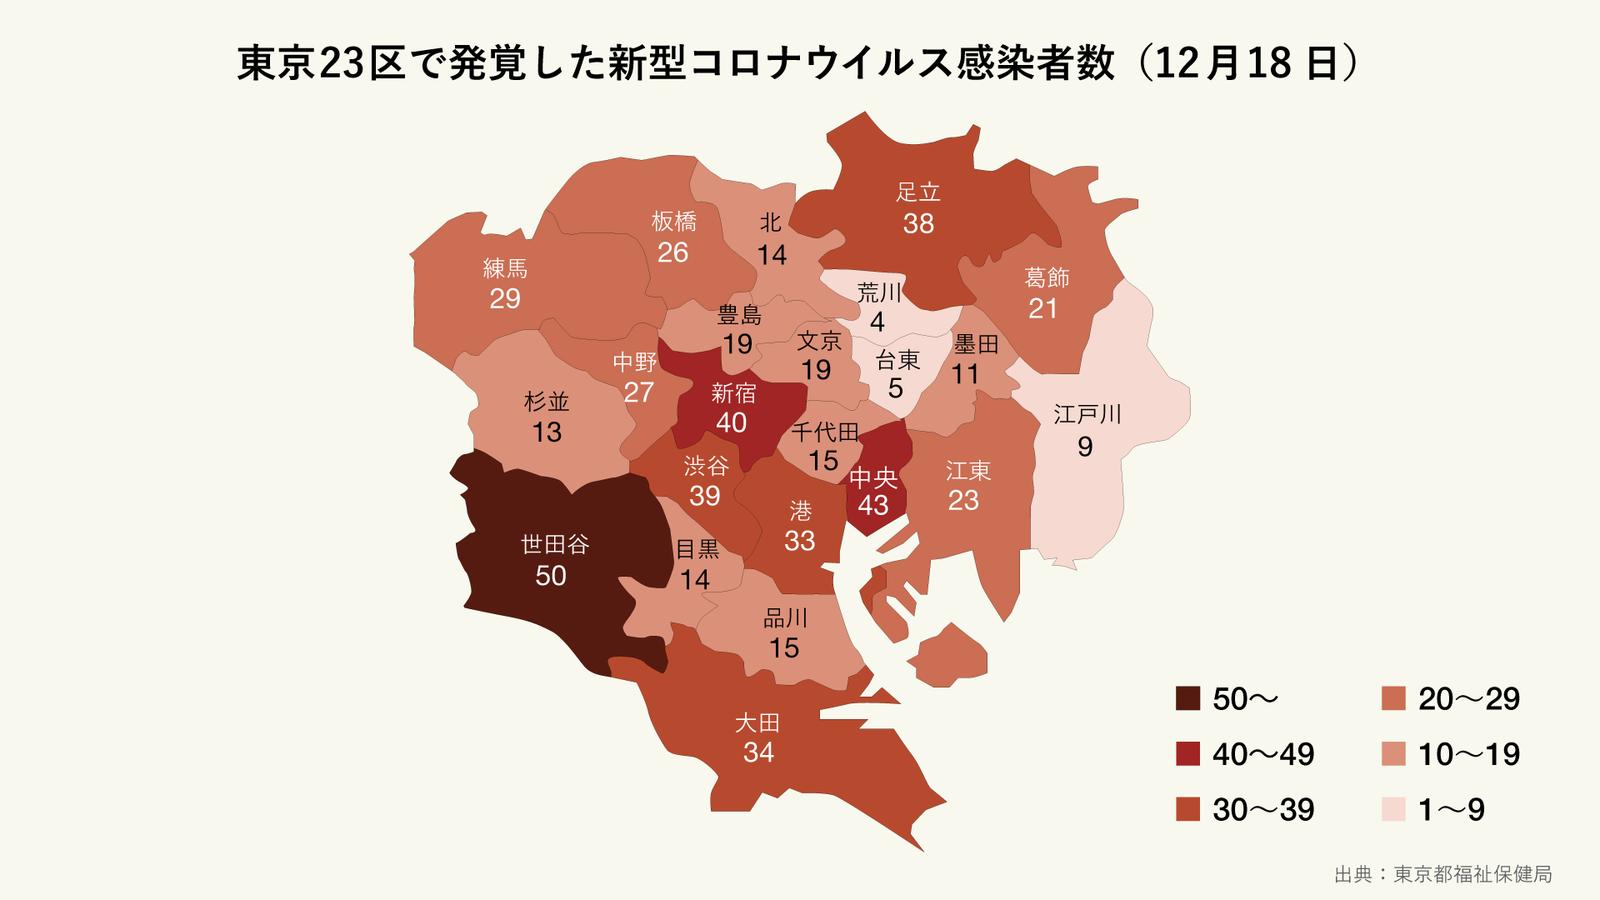 12月18日に発覚した東京23区の区ごとの新型コロナウイルス感染者数(マップ)